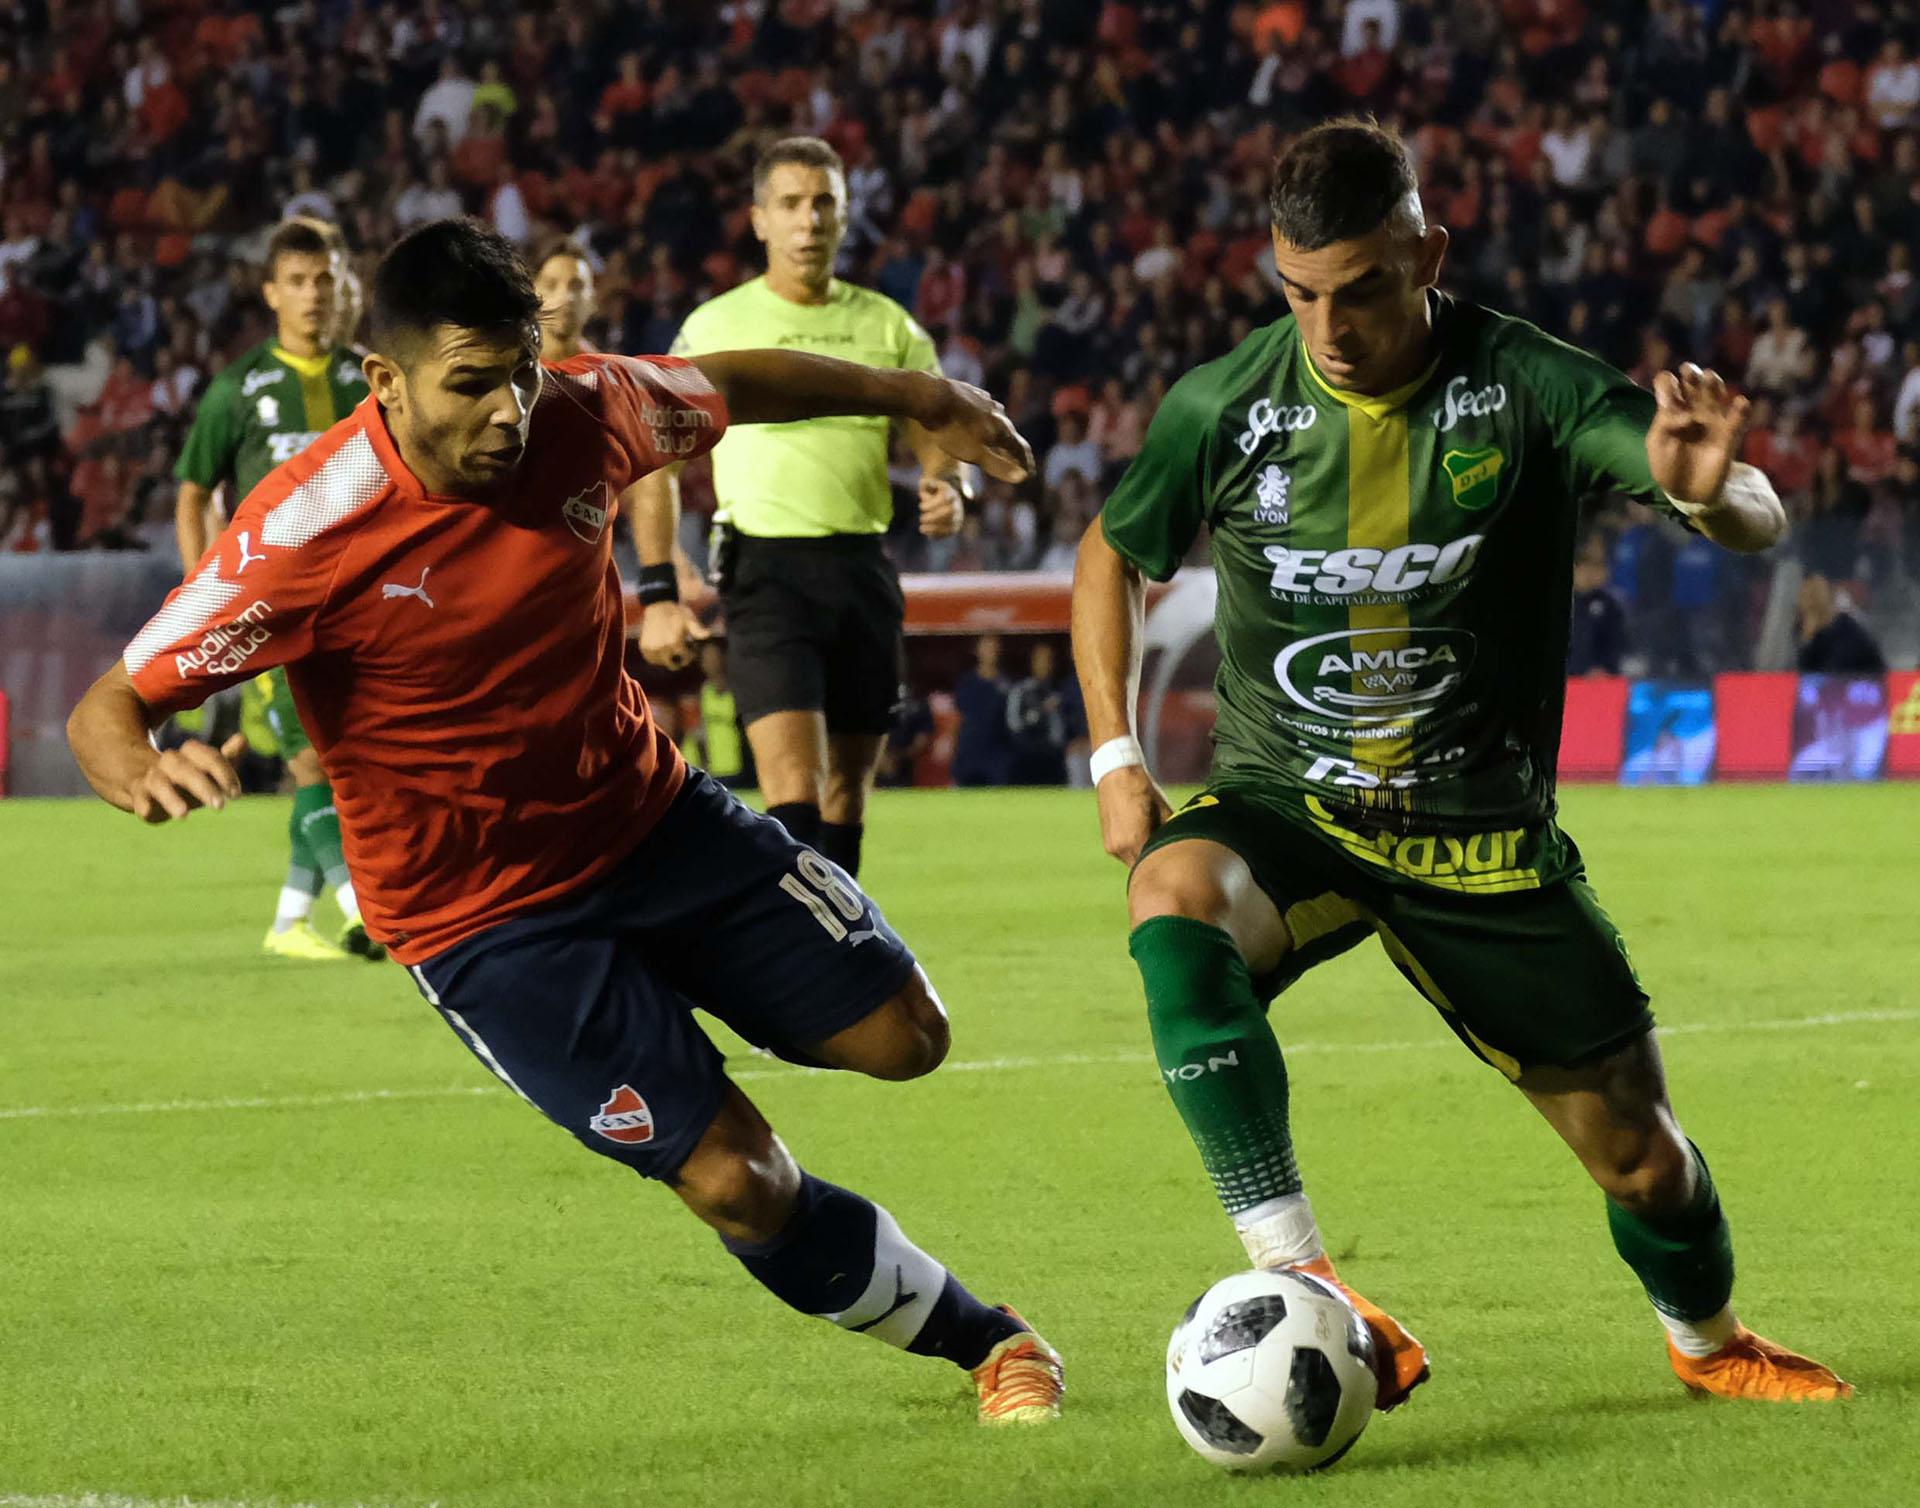 Independiente perdió con Defensa y se alejó de la Libertadores 2019 -  Infobae